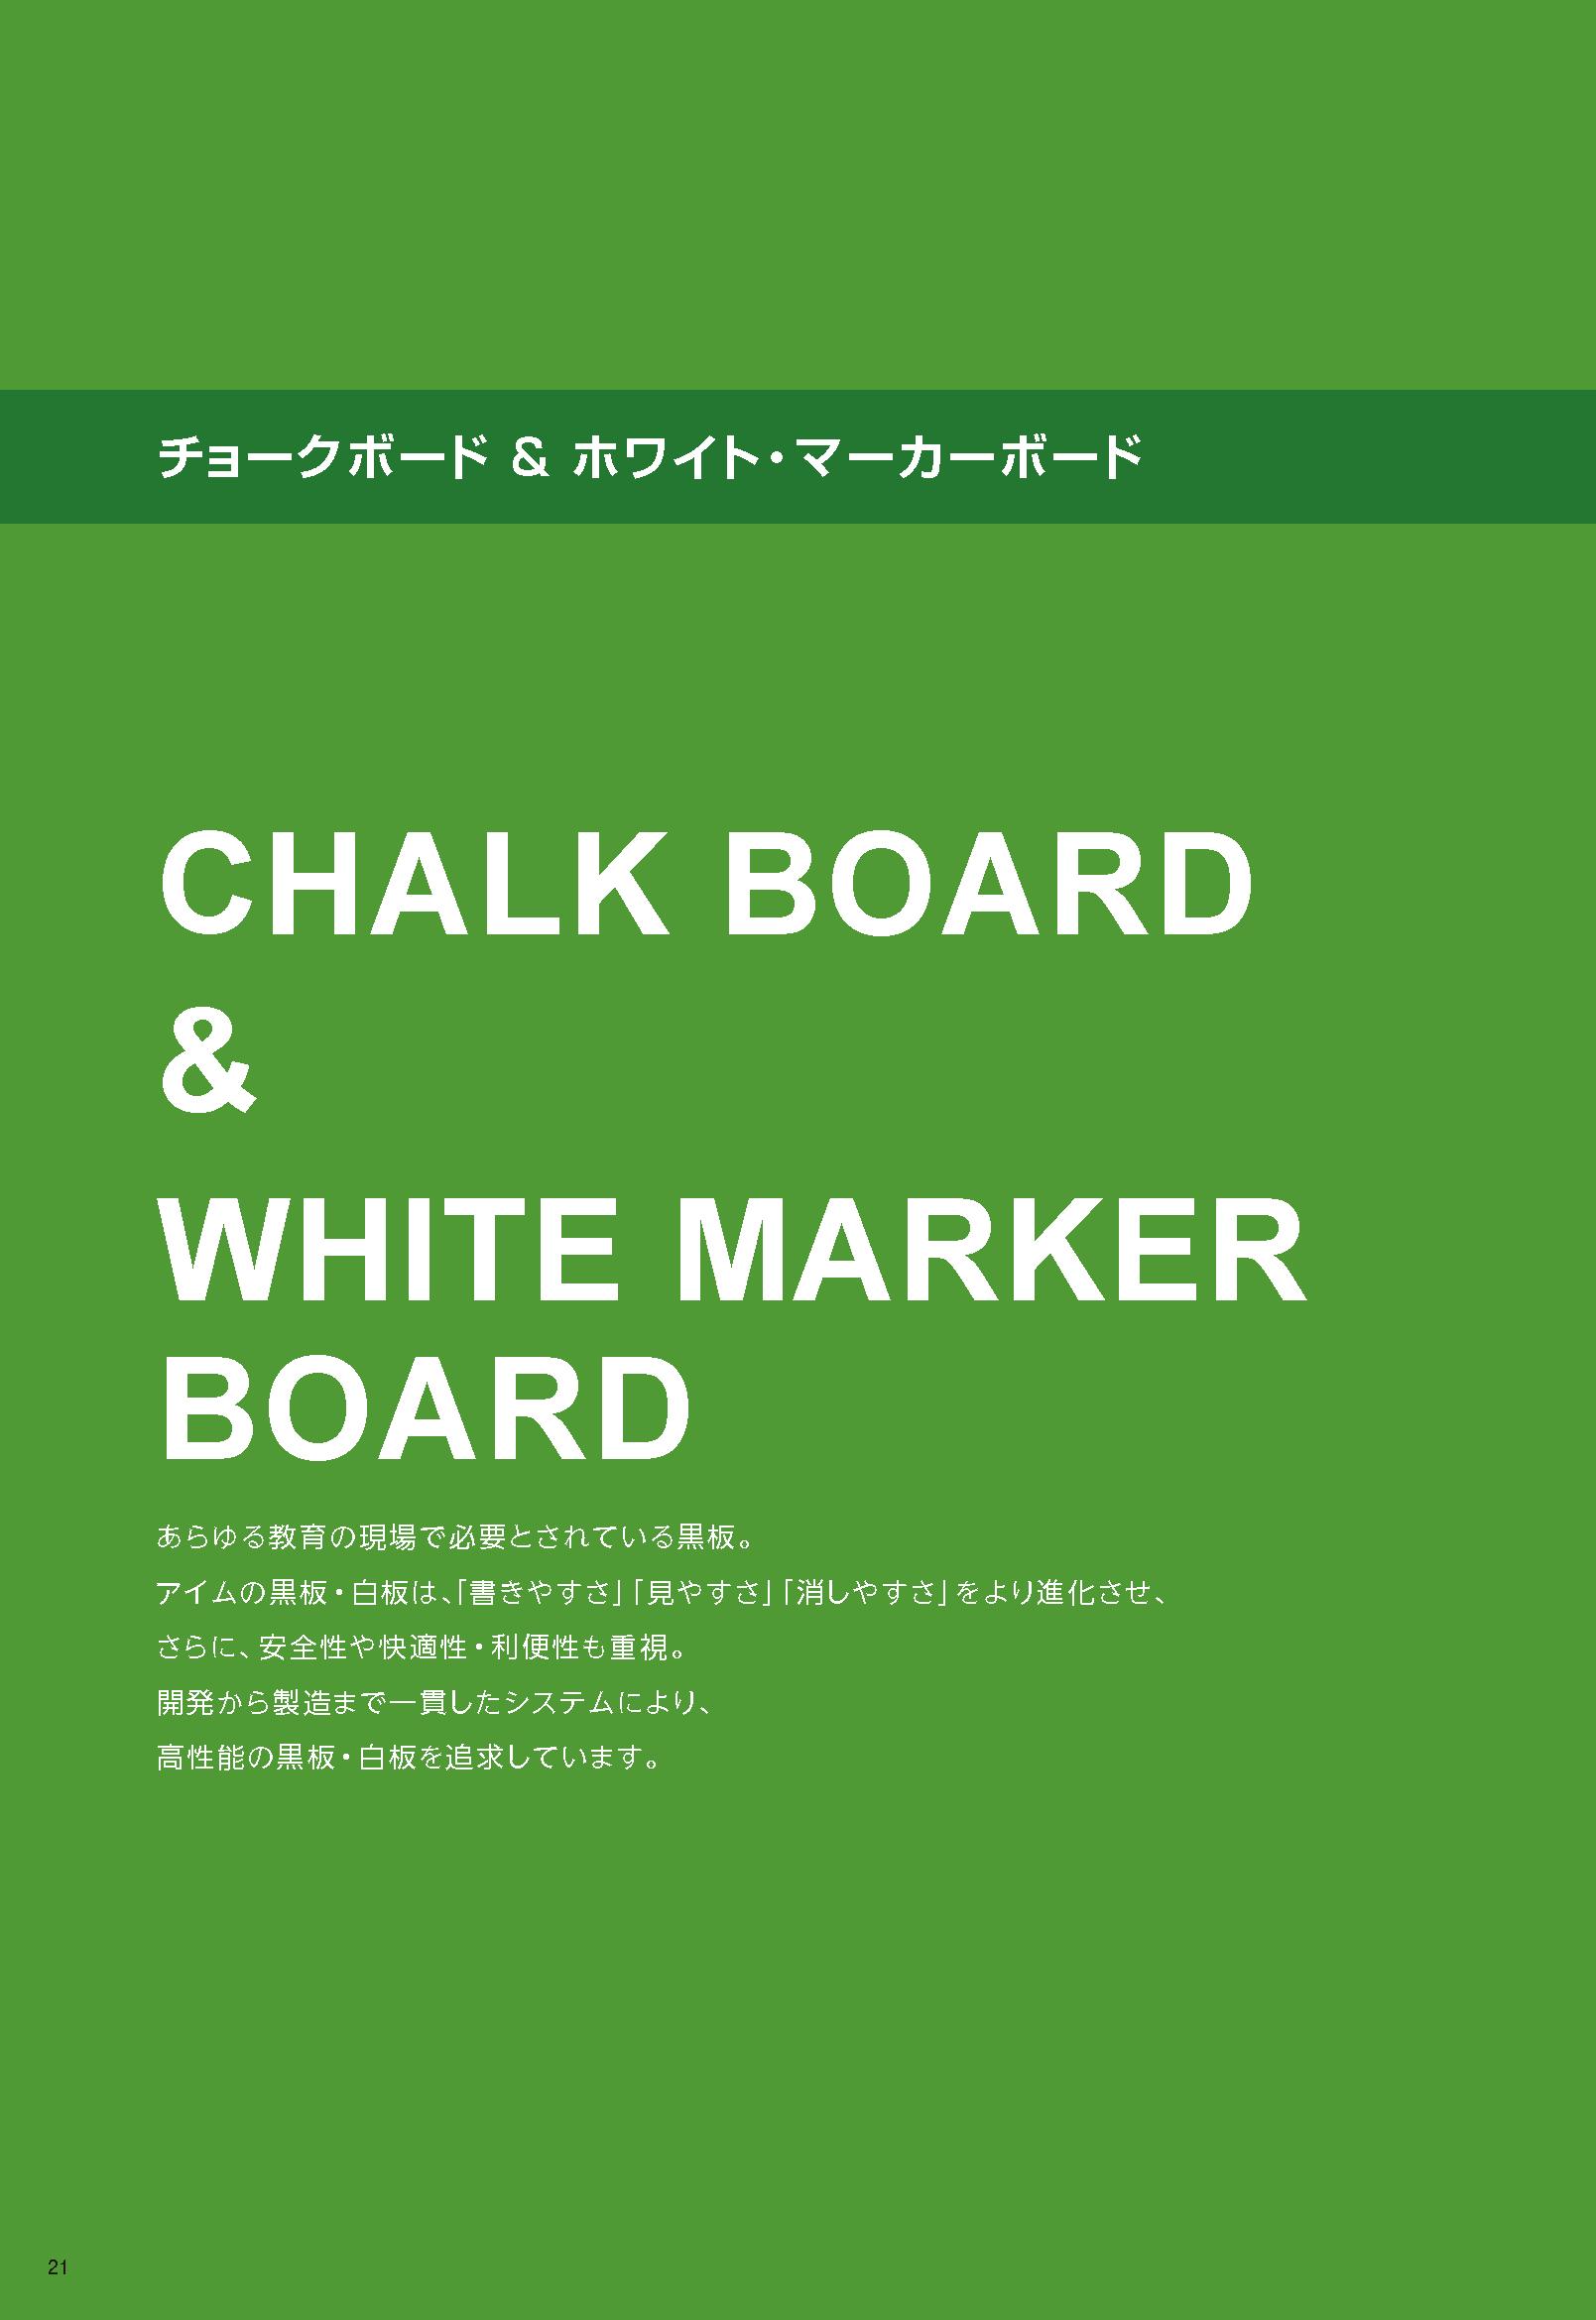 アイム カタログ「黒板・掲示板」 チョークボード&ホワイト・マーカーボード